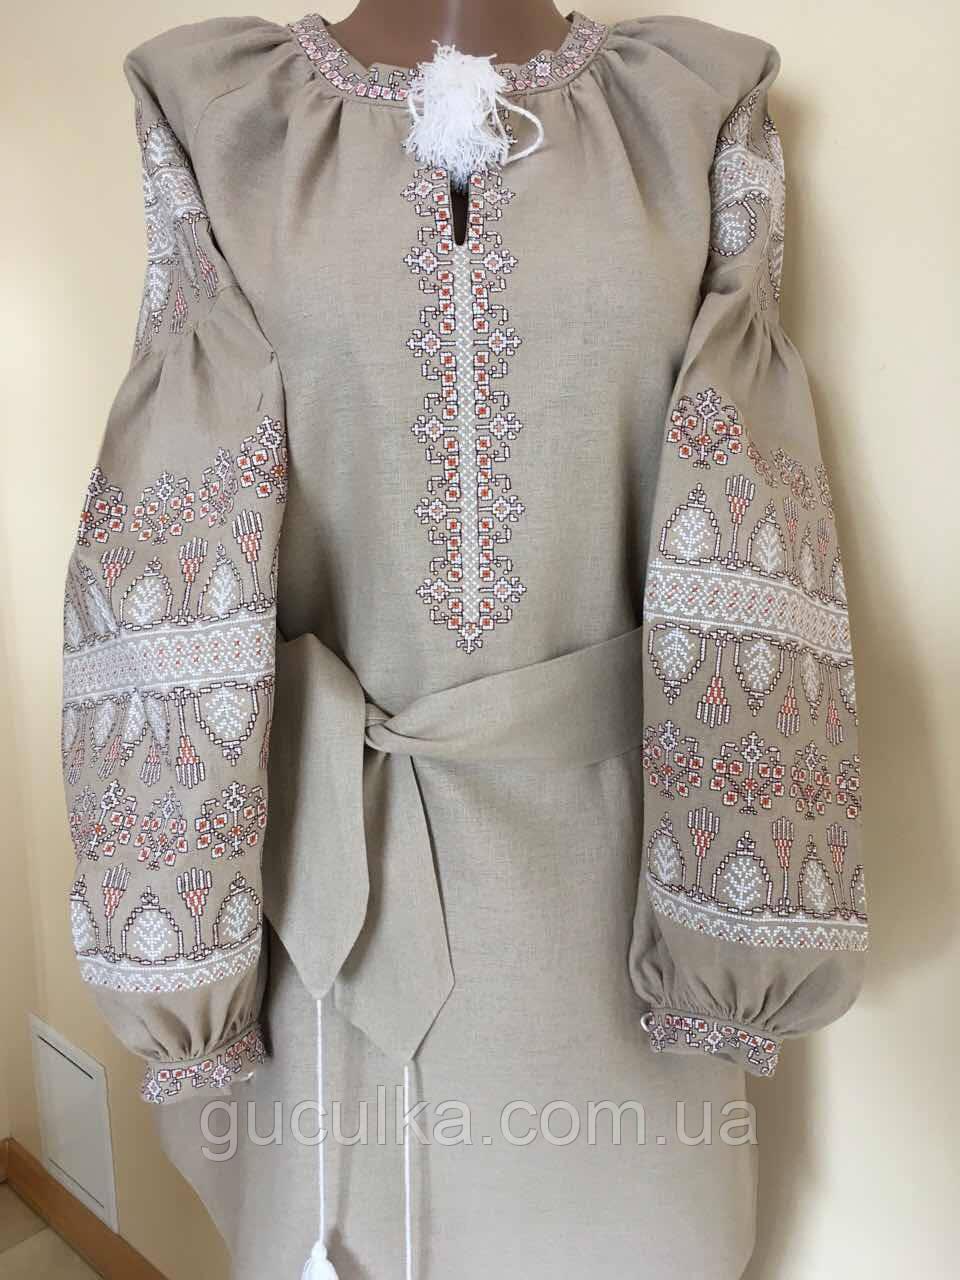 Жіноча вишиванка сукня в стилі Бохо - Інтернет-магазин